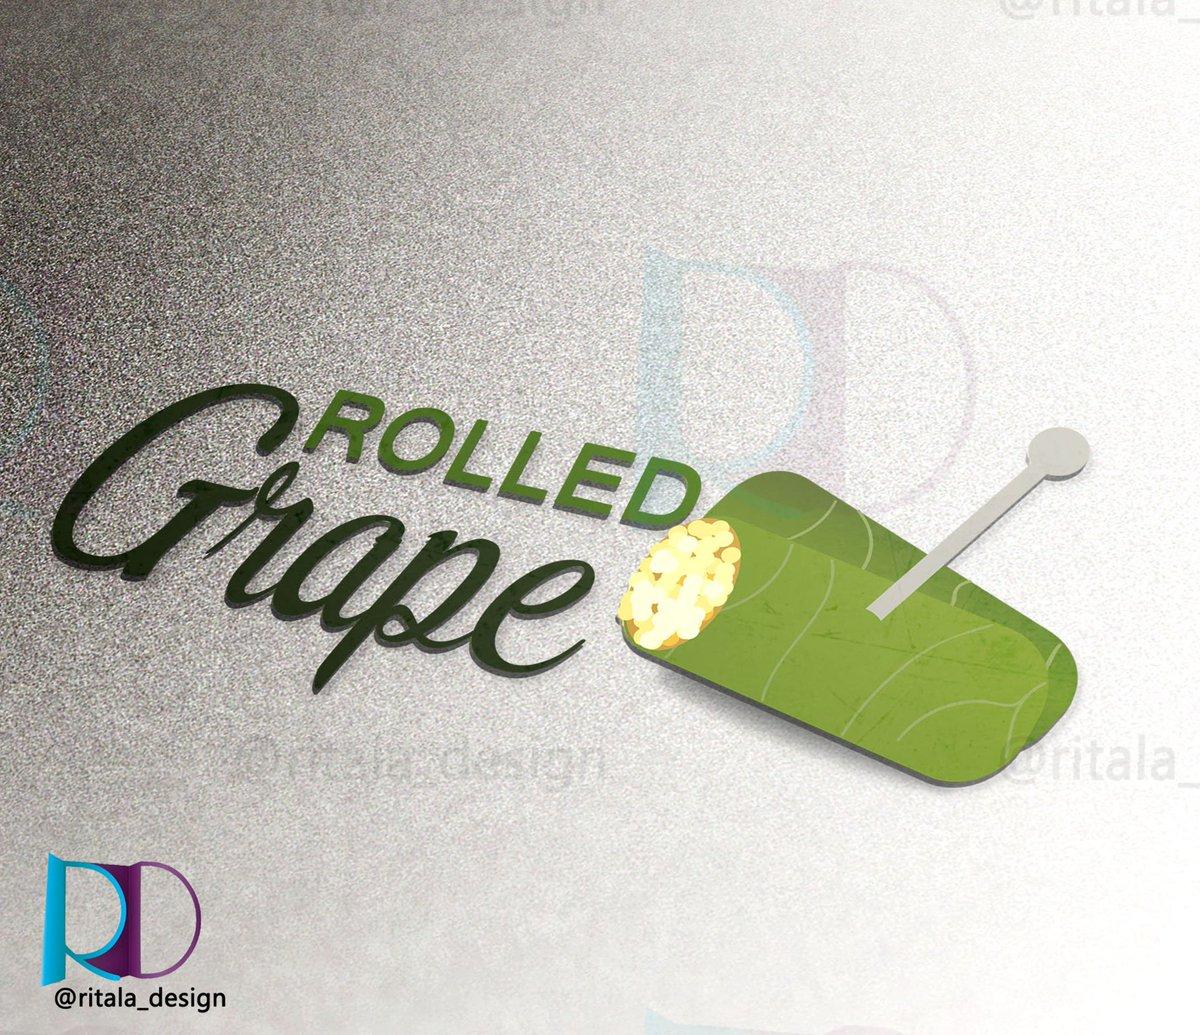 ريتالا للتصميم Twitterren شعار لمشروع ورق عنب Rolled Grape